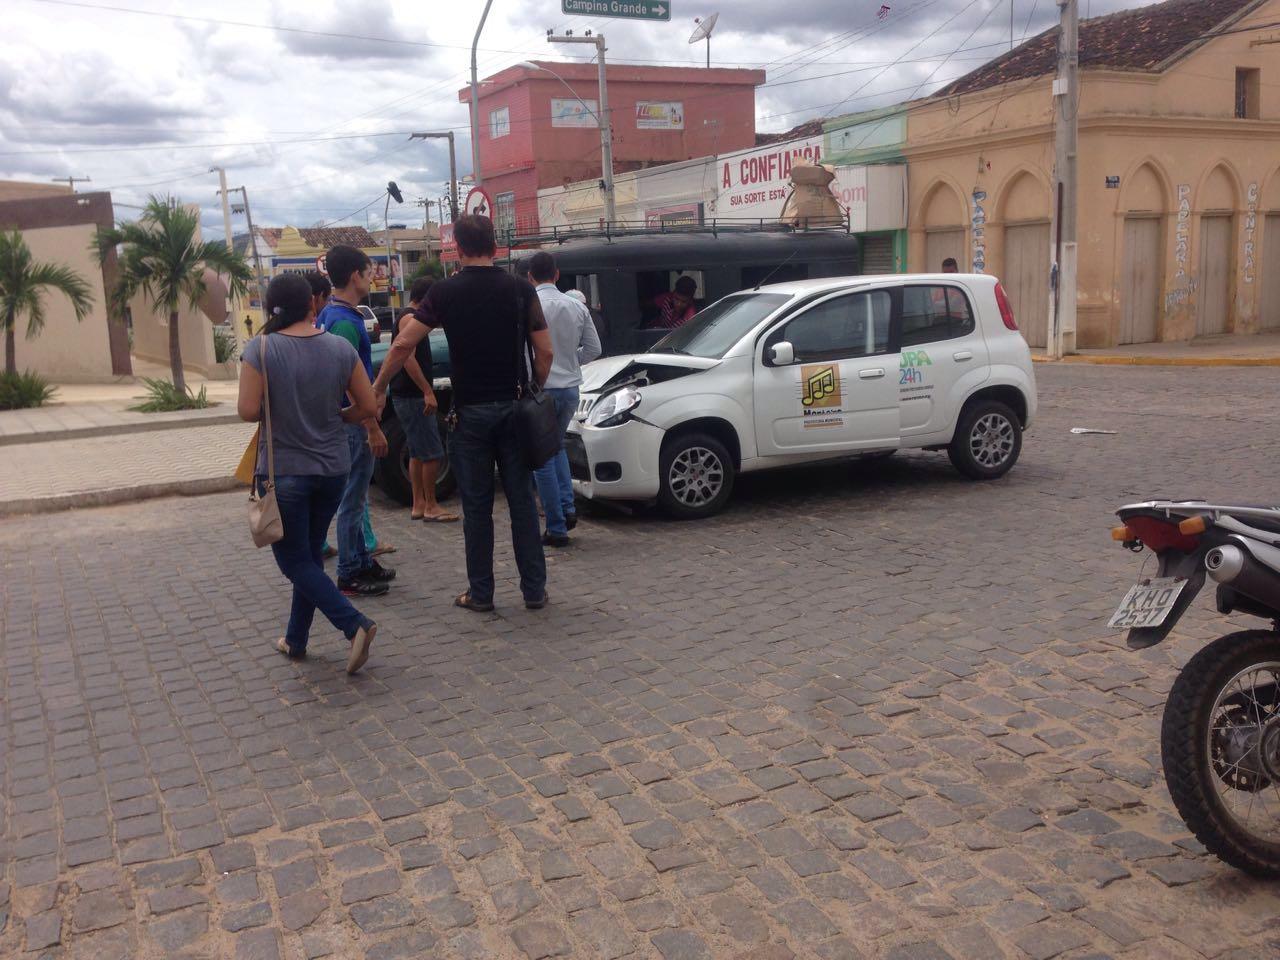 5726f8ae-a3ea-4f88-ab42-af7c27faec57 Carro da prefeitura de Monteiro colide com toyota no centro da cidade